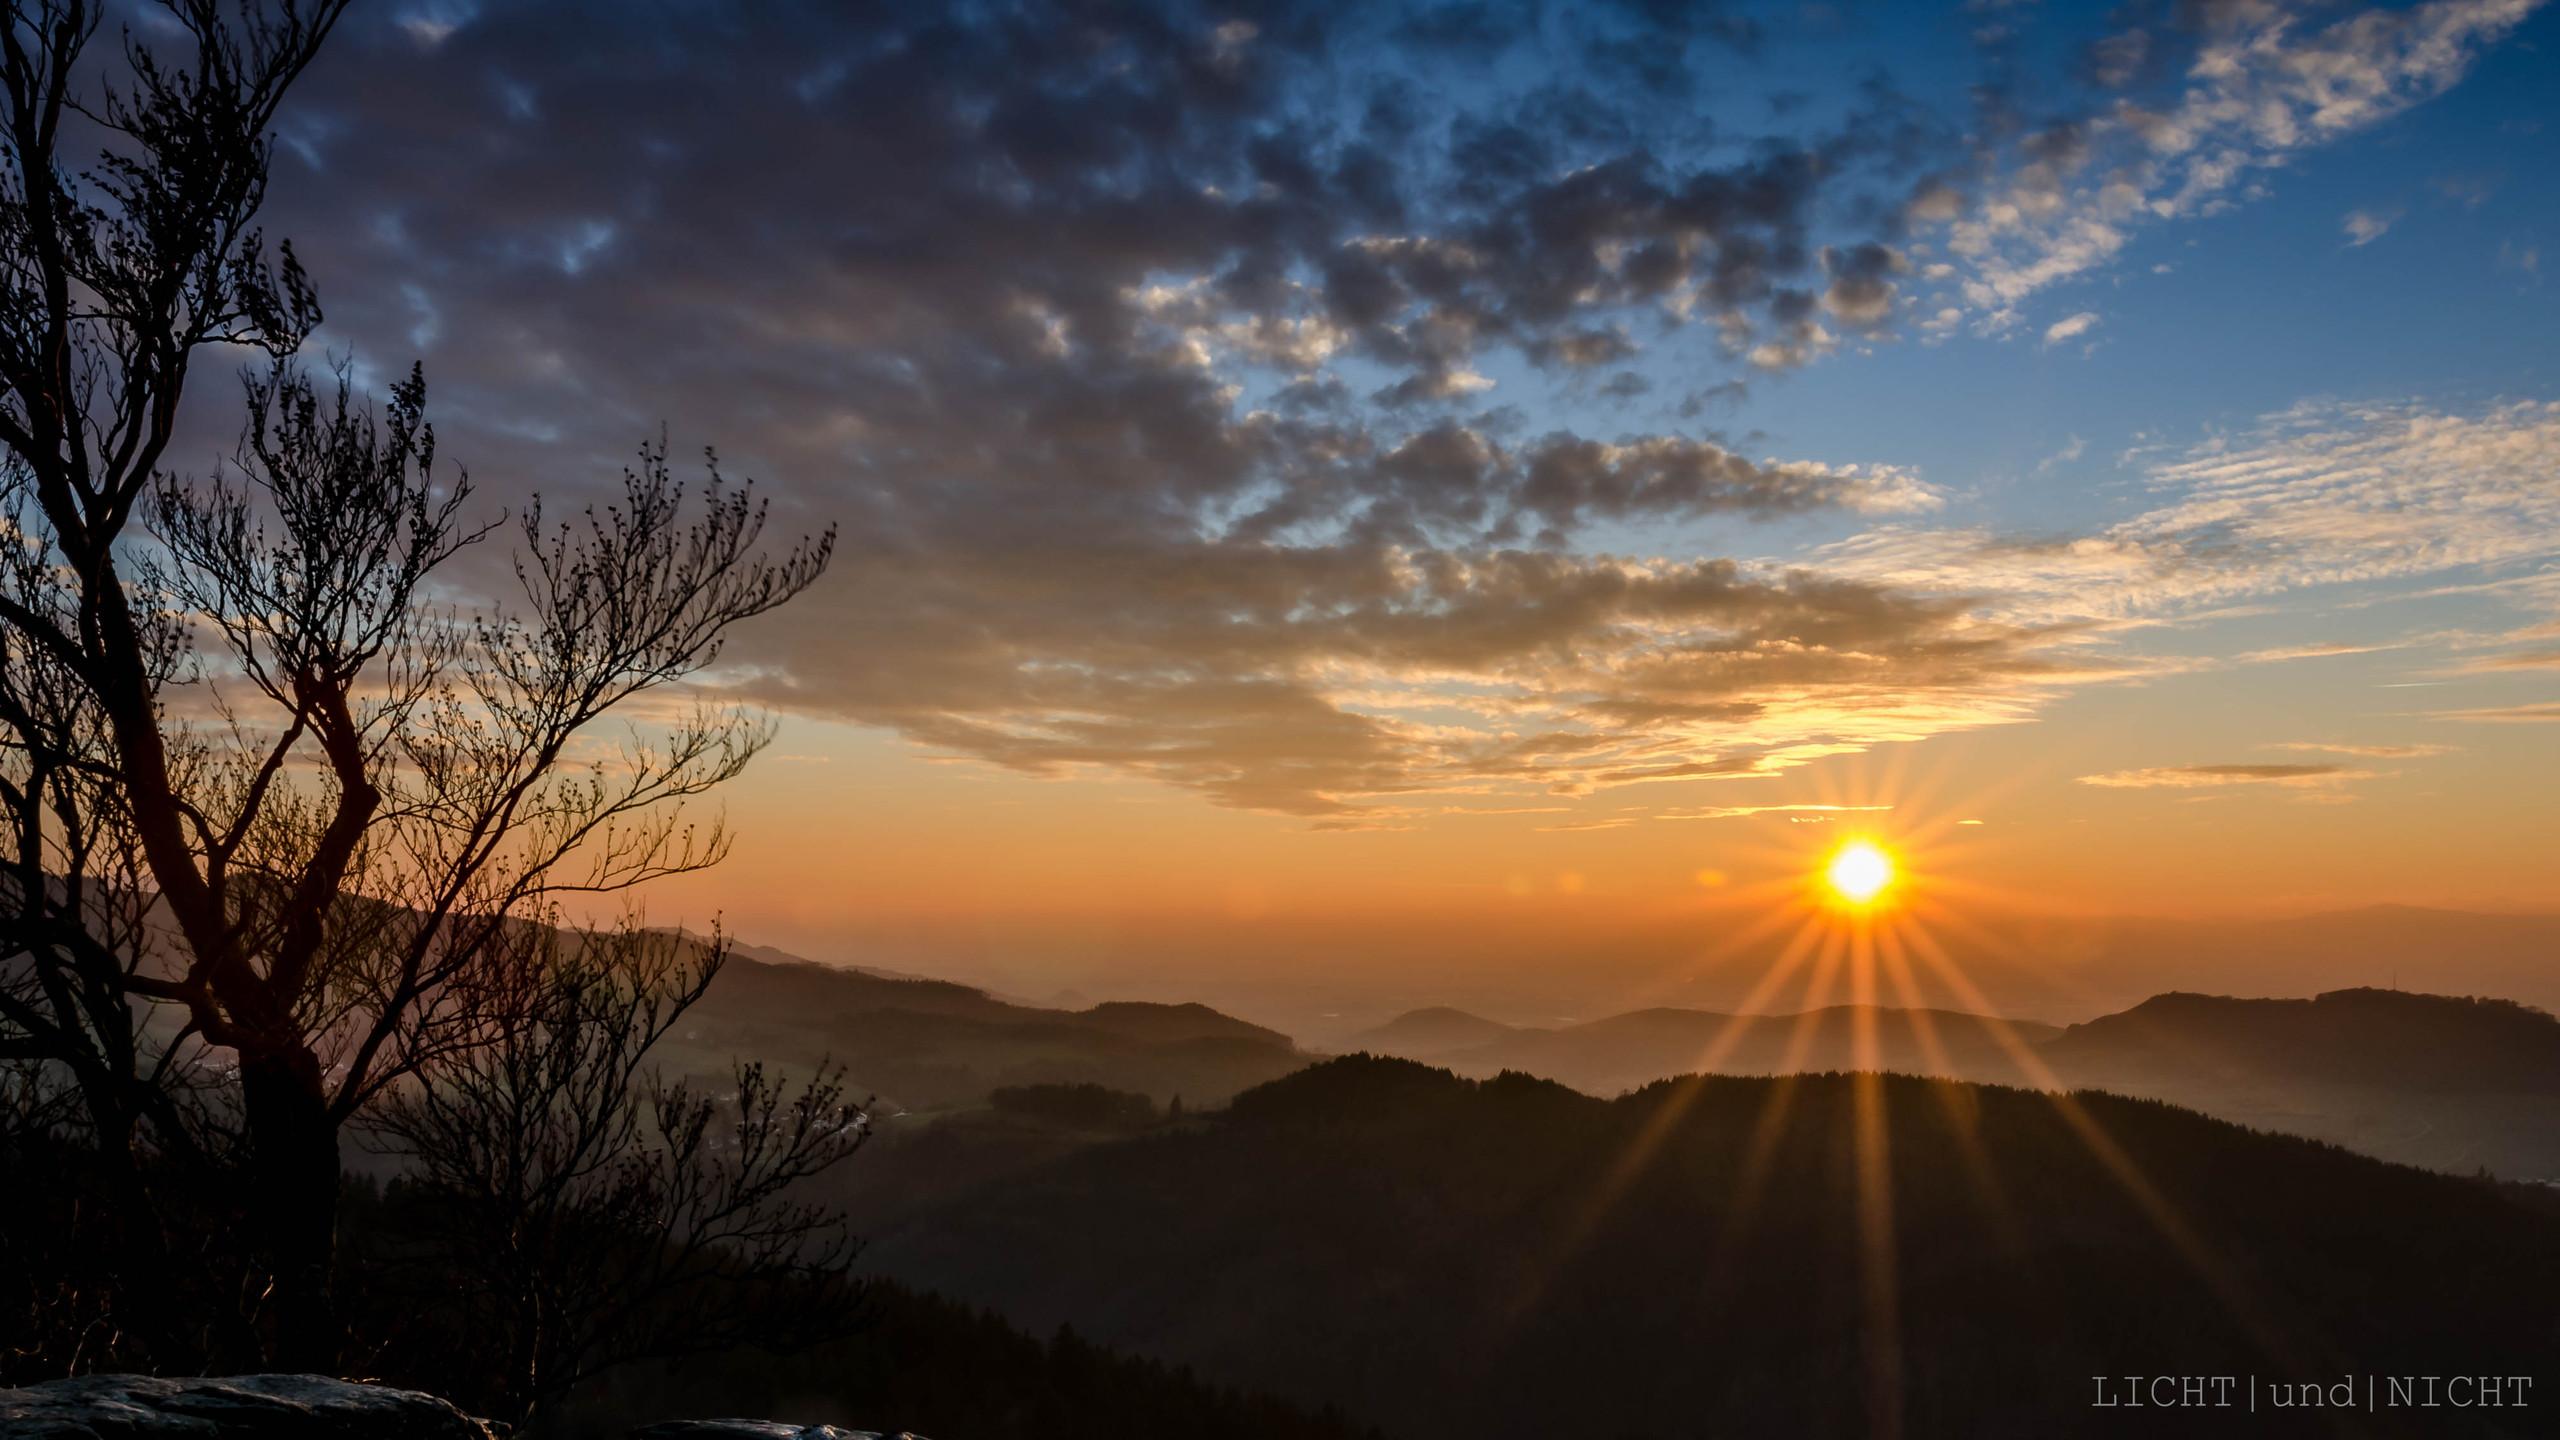 Kybfelsen_sunset#1